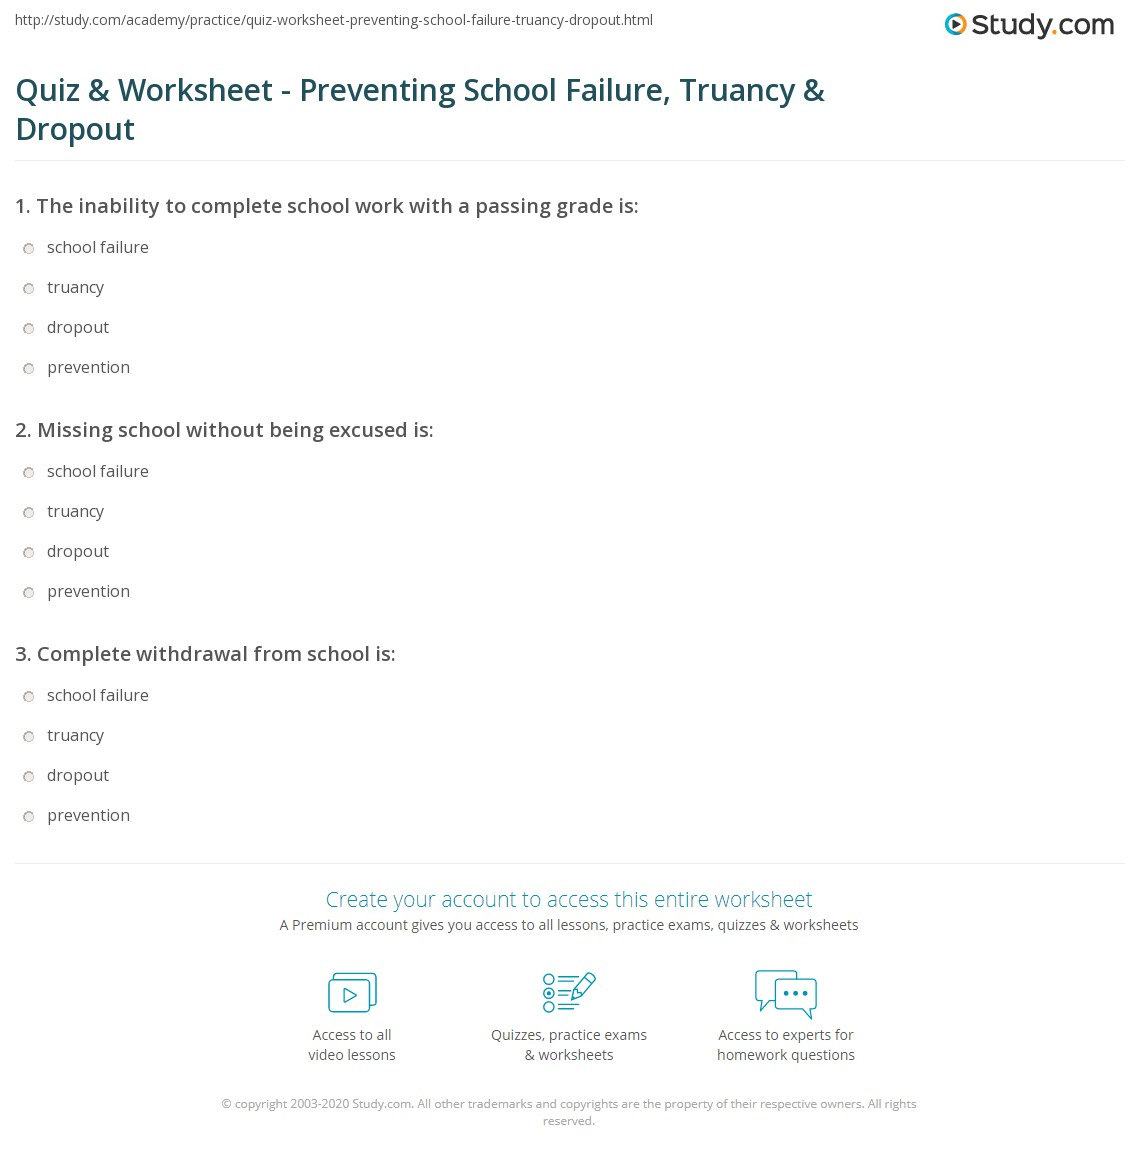 Quiz & Worksheet - Preventing School Failure, Truancy & Dropout ...